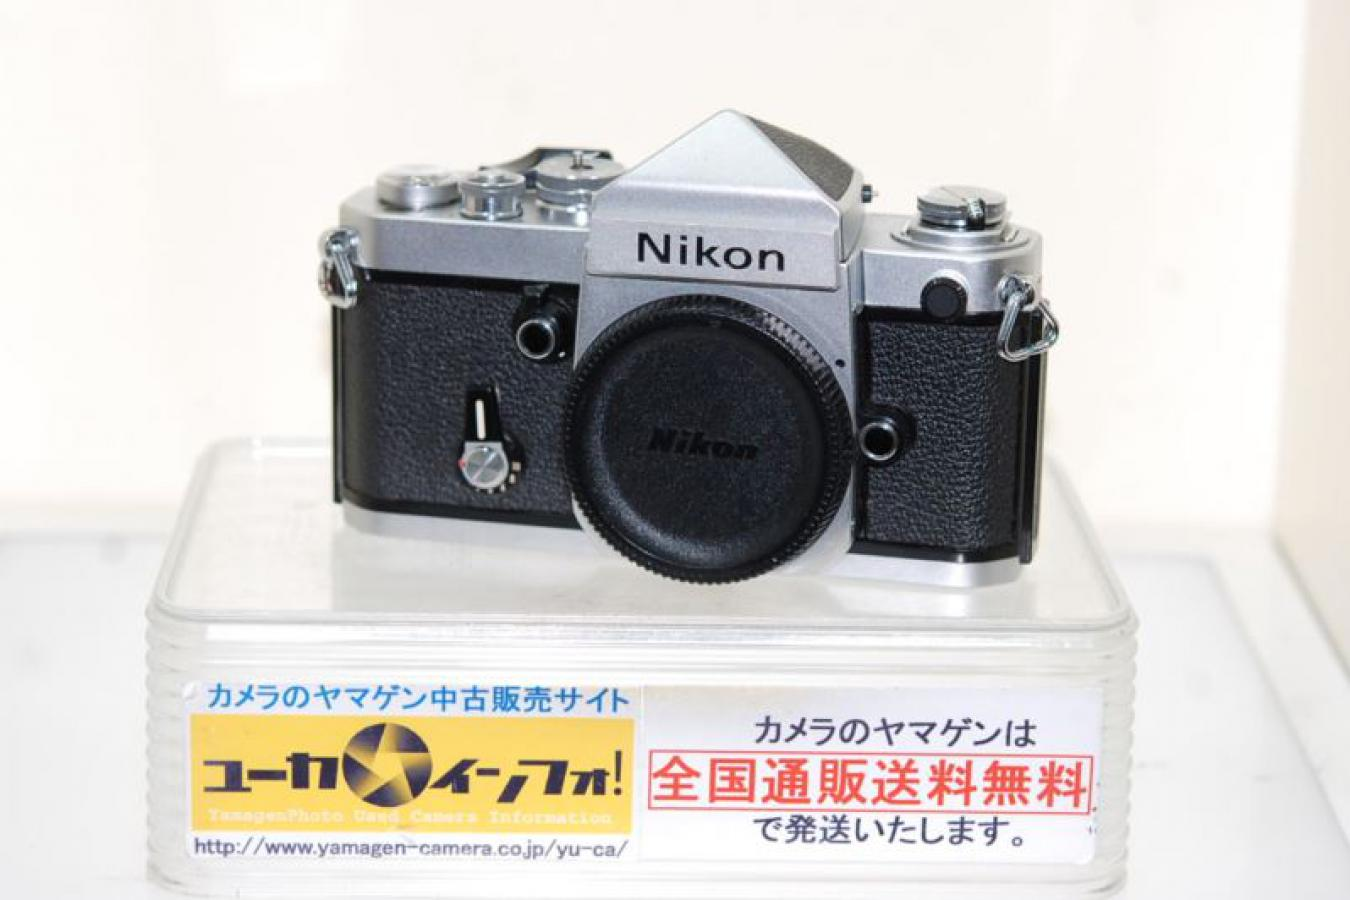 【コレクション向け】 ニコン F2 アイレベルボディ 724万台